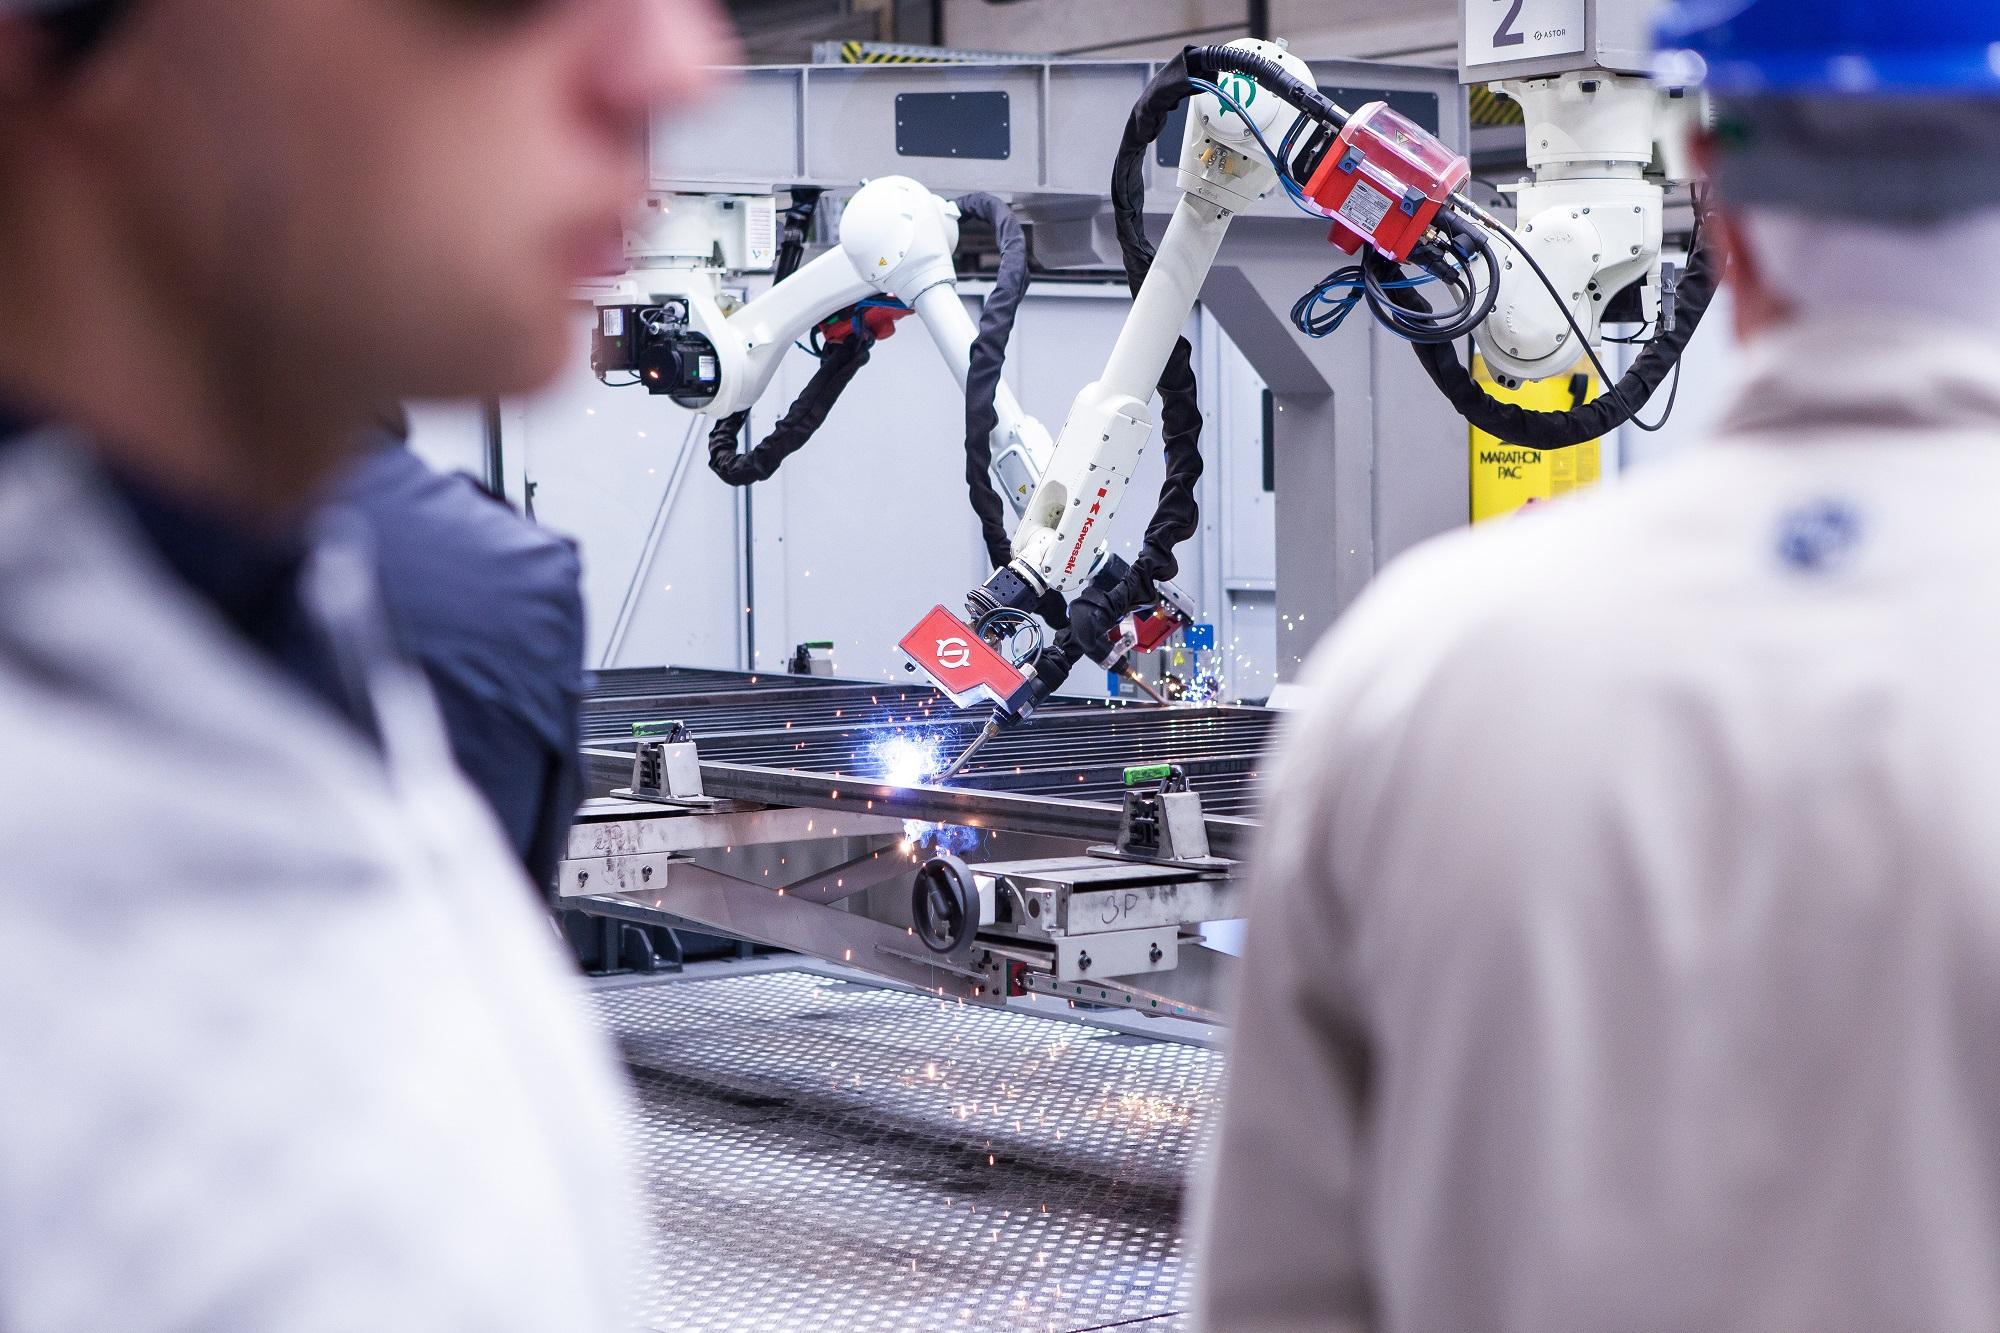 Roboty pozwalają pracownikom skupić się na mniej uciążliwych i monotonnych zajęciach, dodatkowo zmniejszając liczbę błędów - podkreśla Andrzej Wiśniowski. Fot. mat. prasowe